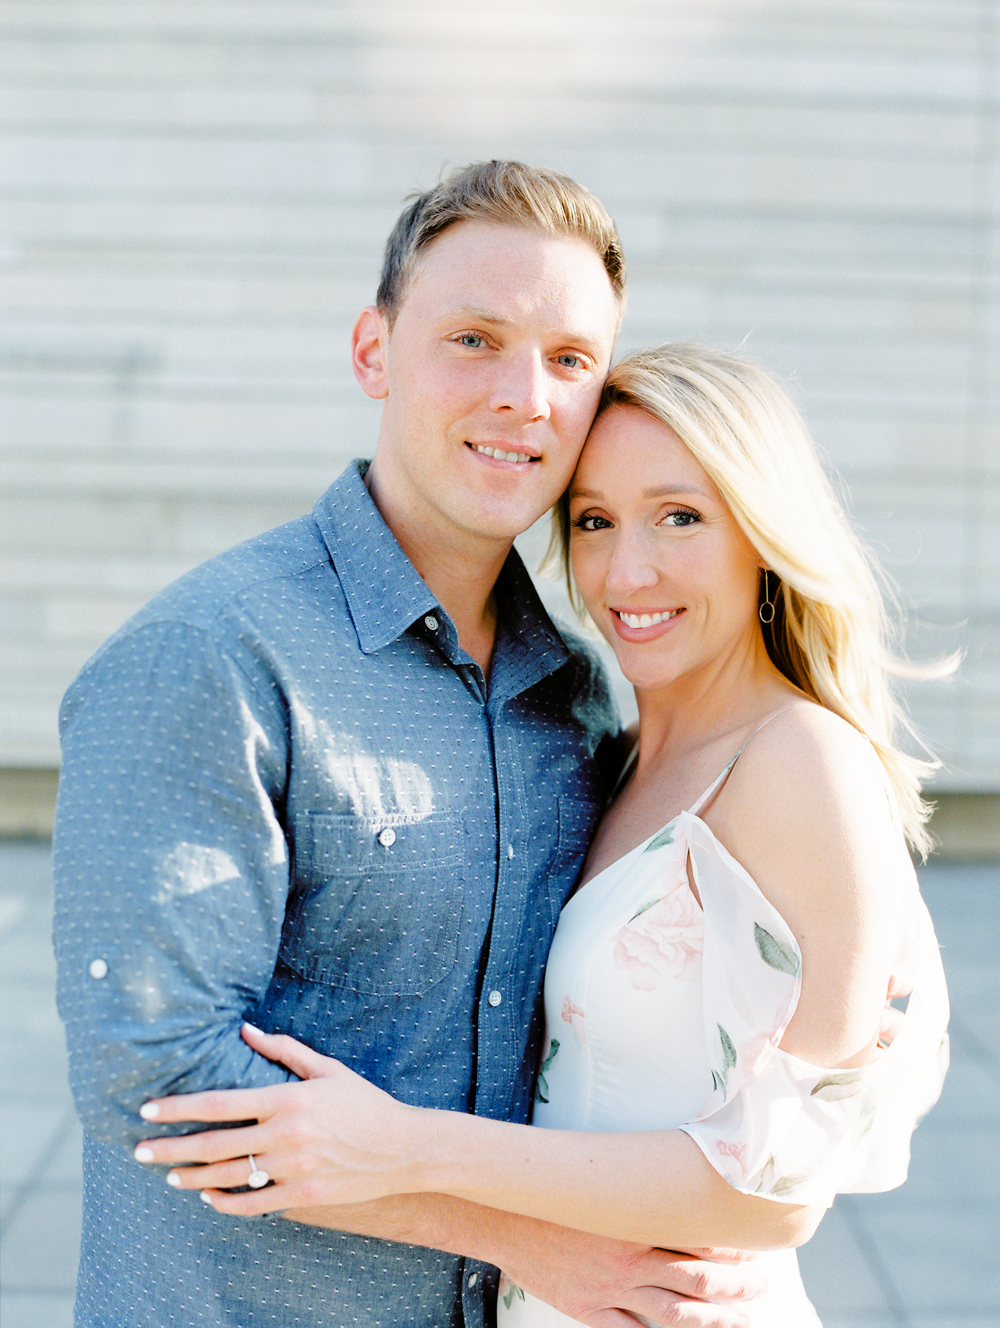 Best-Austin-Denver-California-Wedding-Photographers-fine-art-film-Engagement-Session-56.jpg